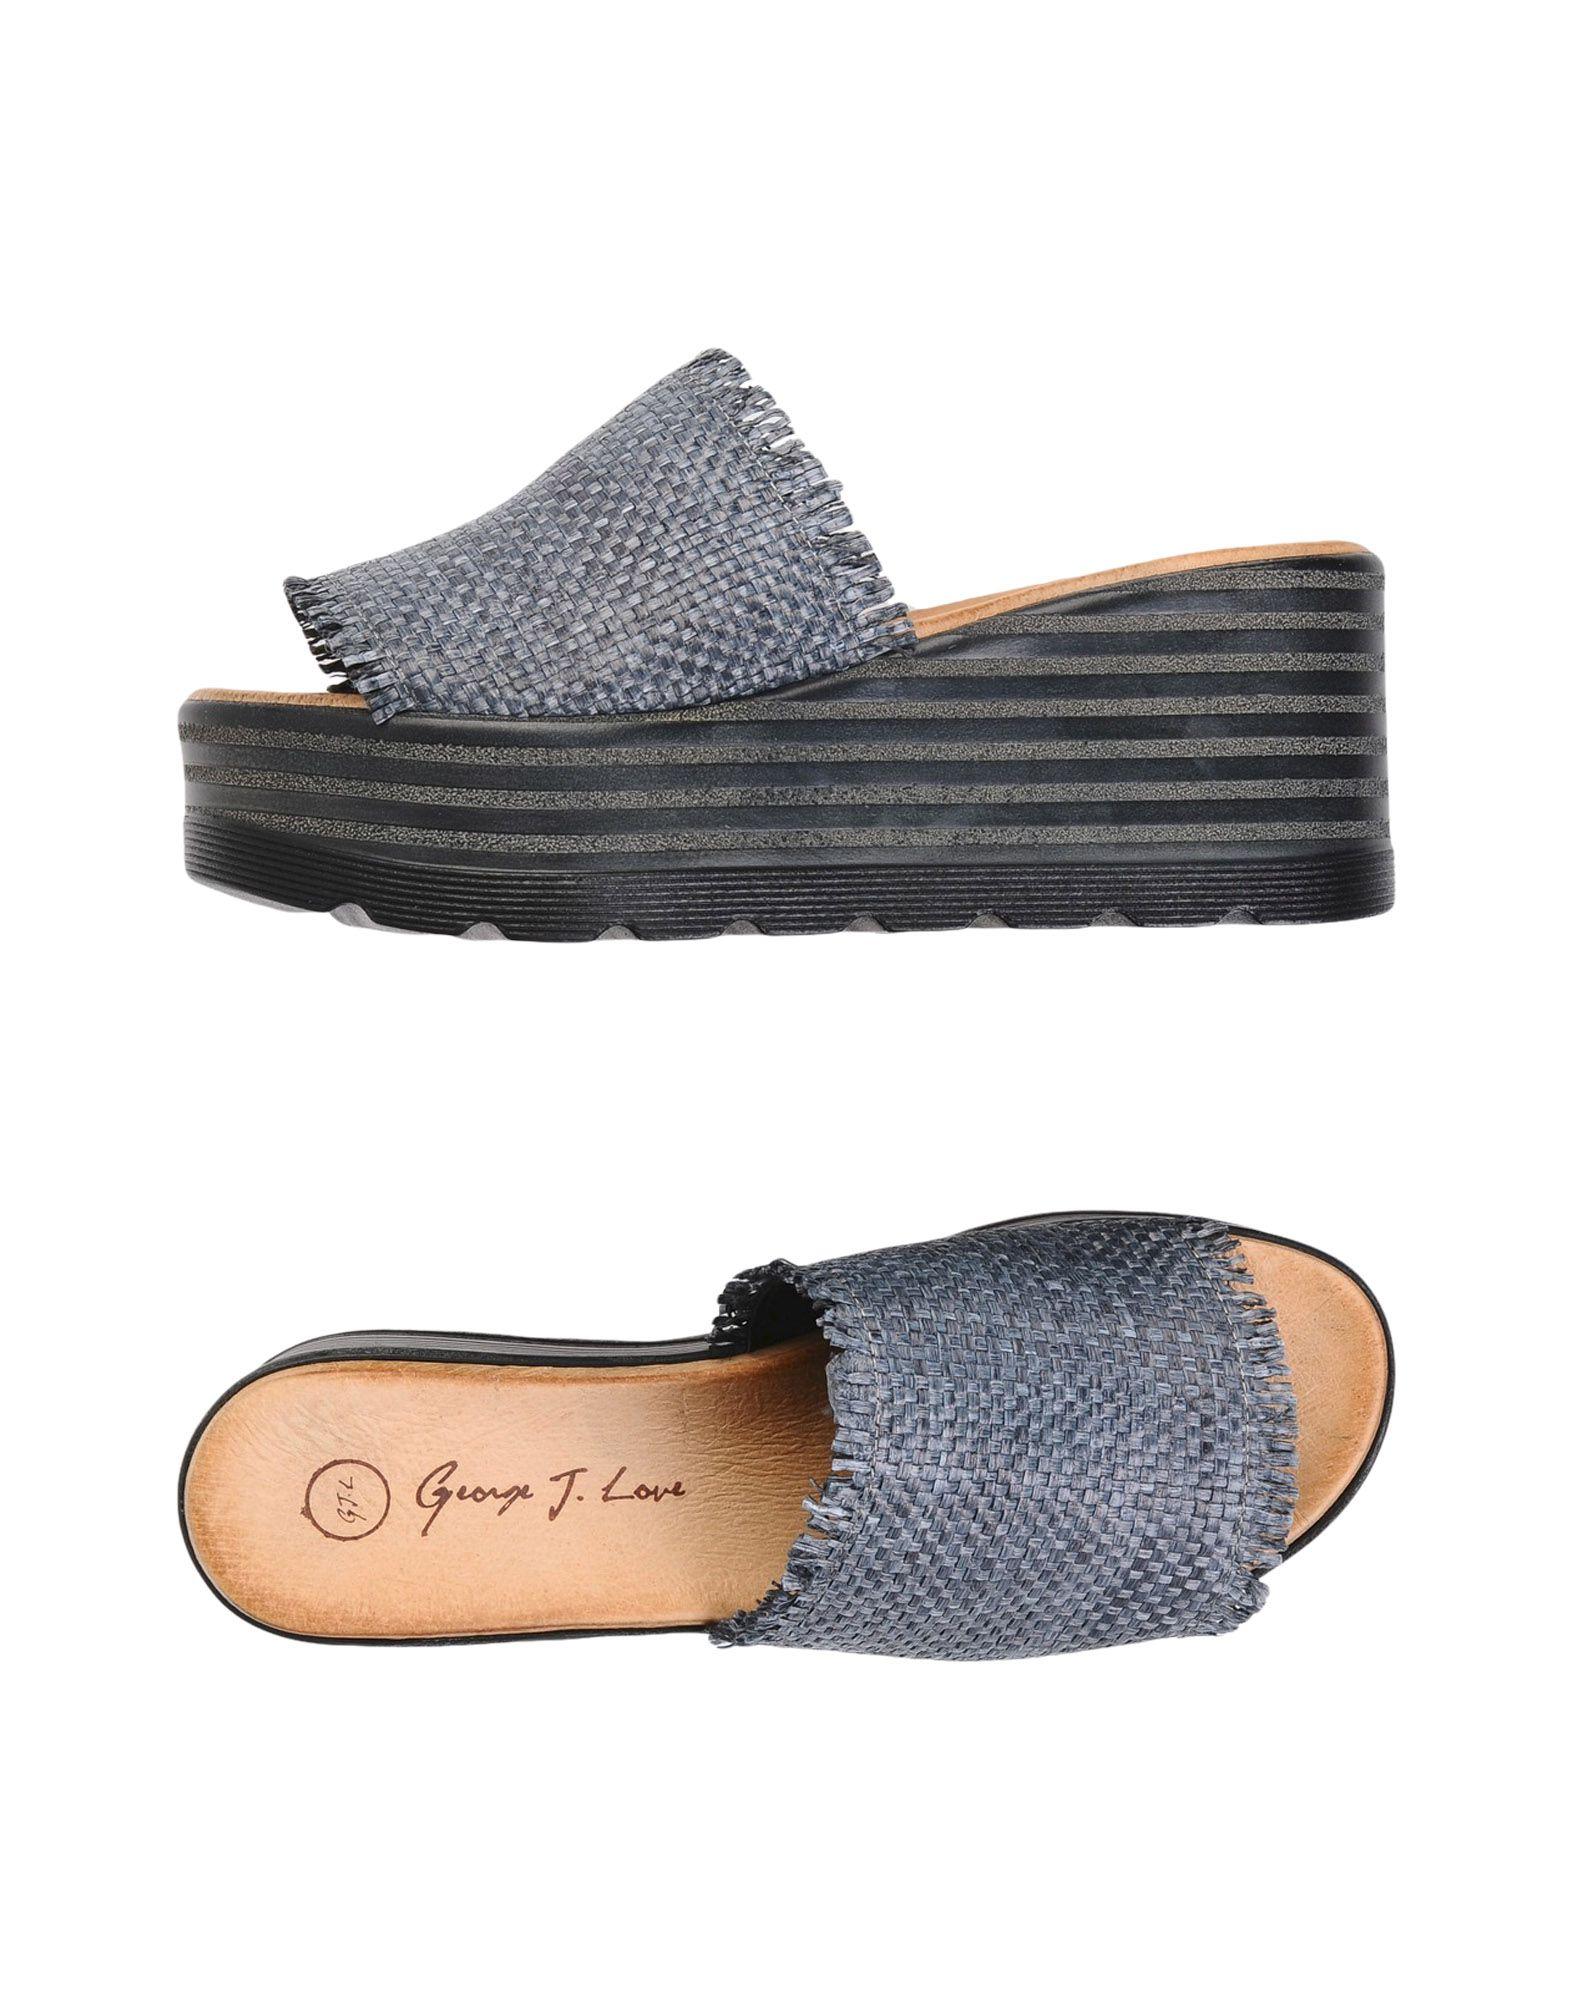 George J. Love Sandalen Damen  11469966BC Gute Qualität beliebte Schuhe